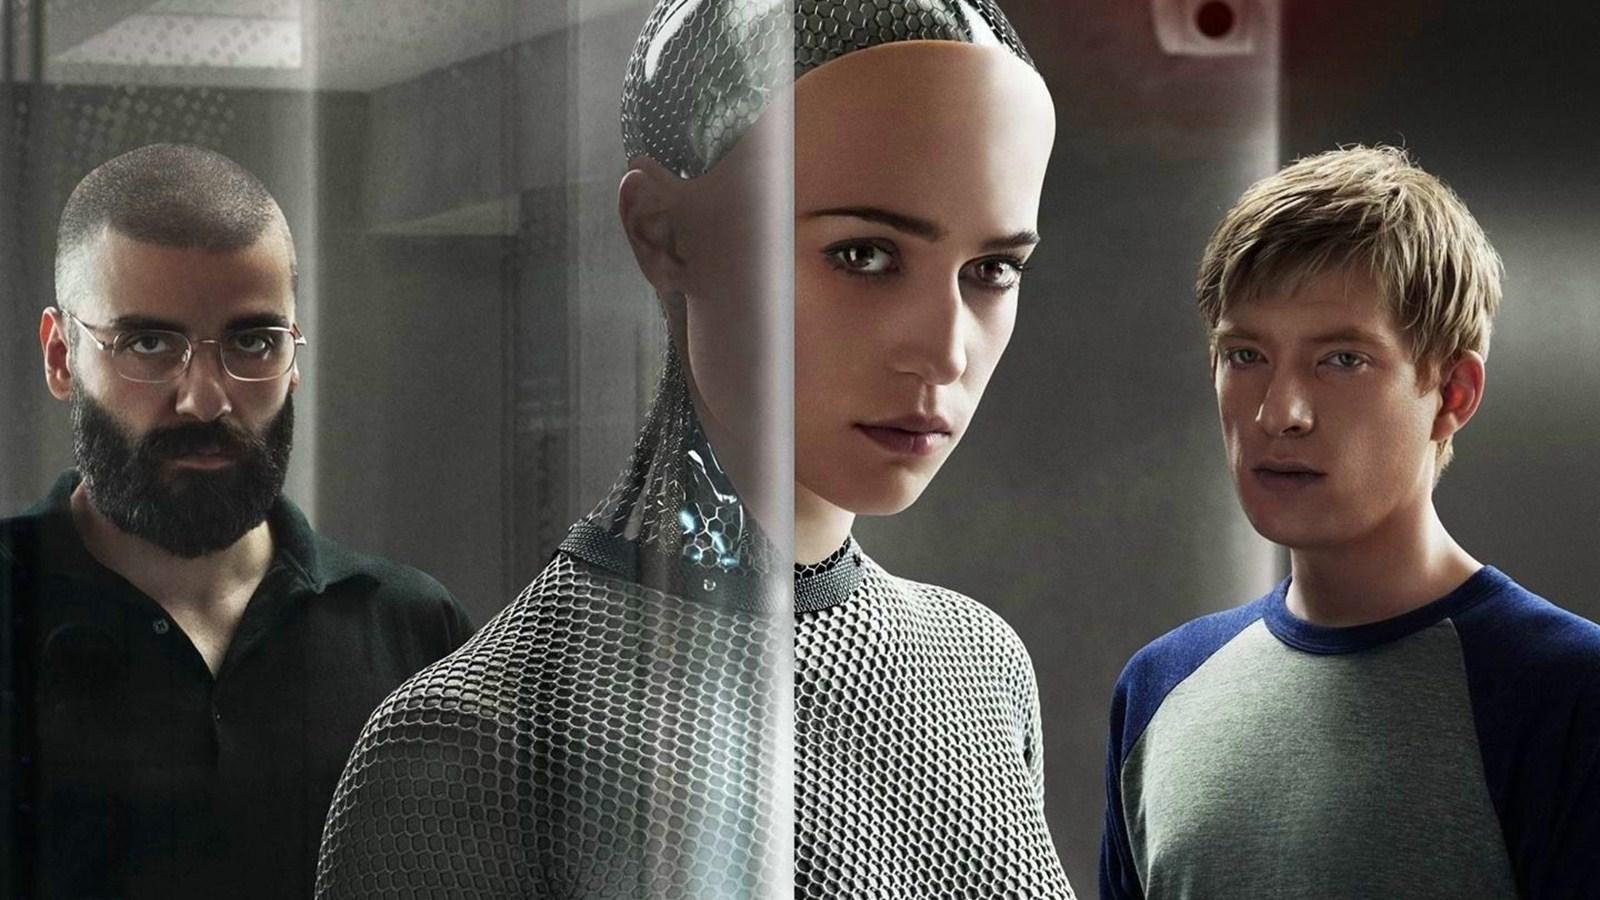 Я должен знать, о чём ты думаешь: прозрачность мышления ИИ как необходимое условие - 4